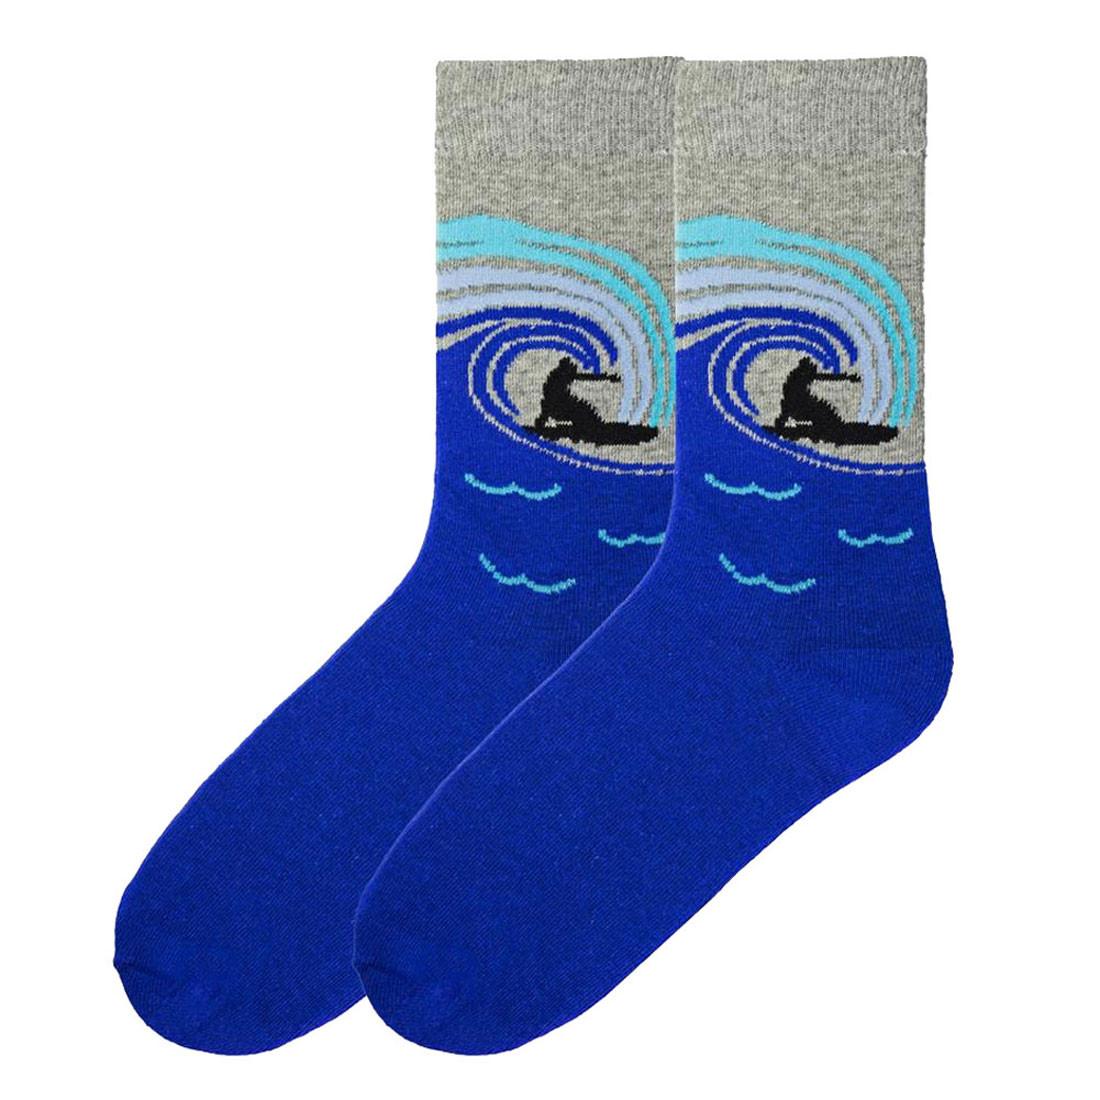 Men's Surf's Up Crew Socks